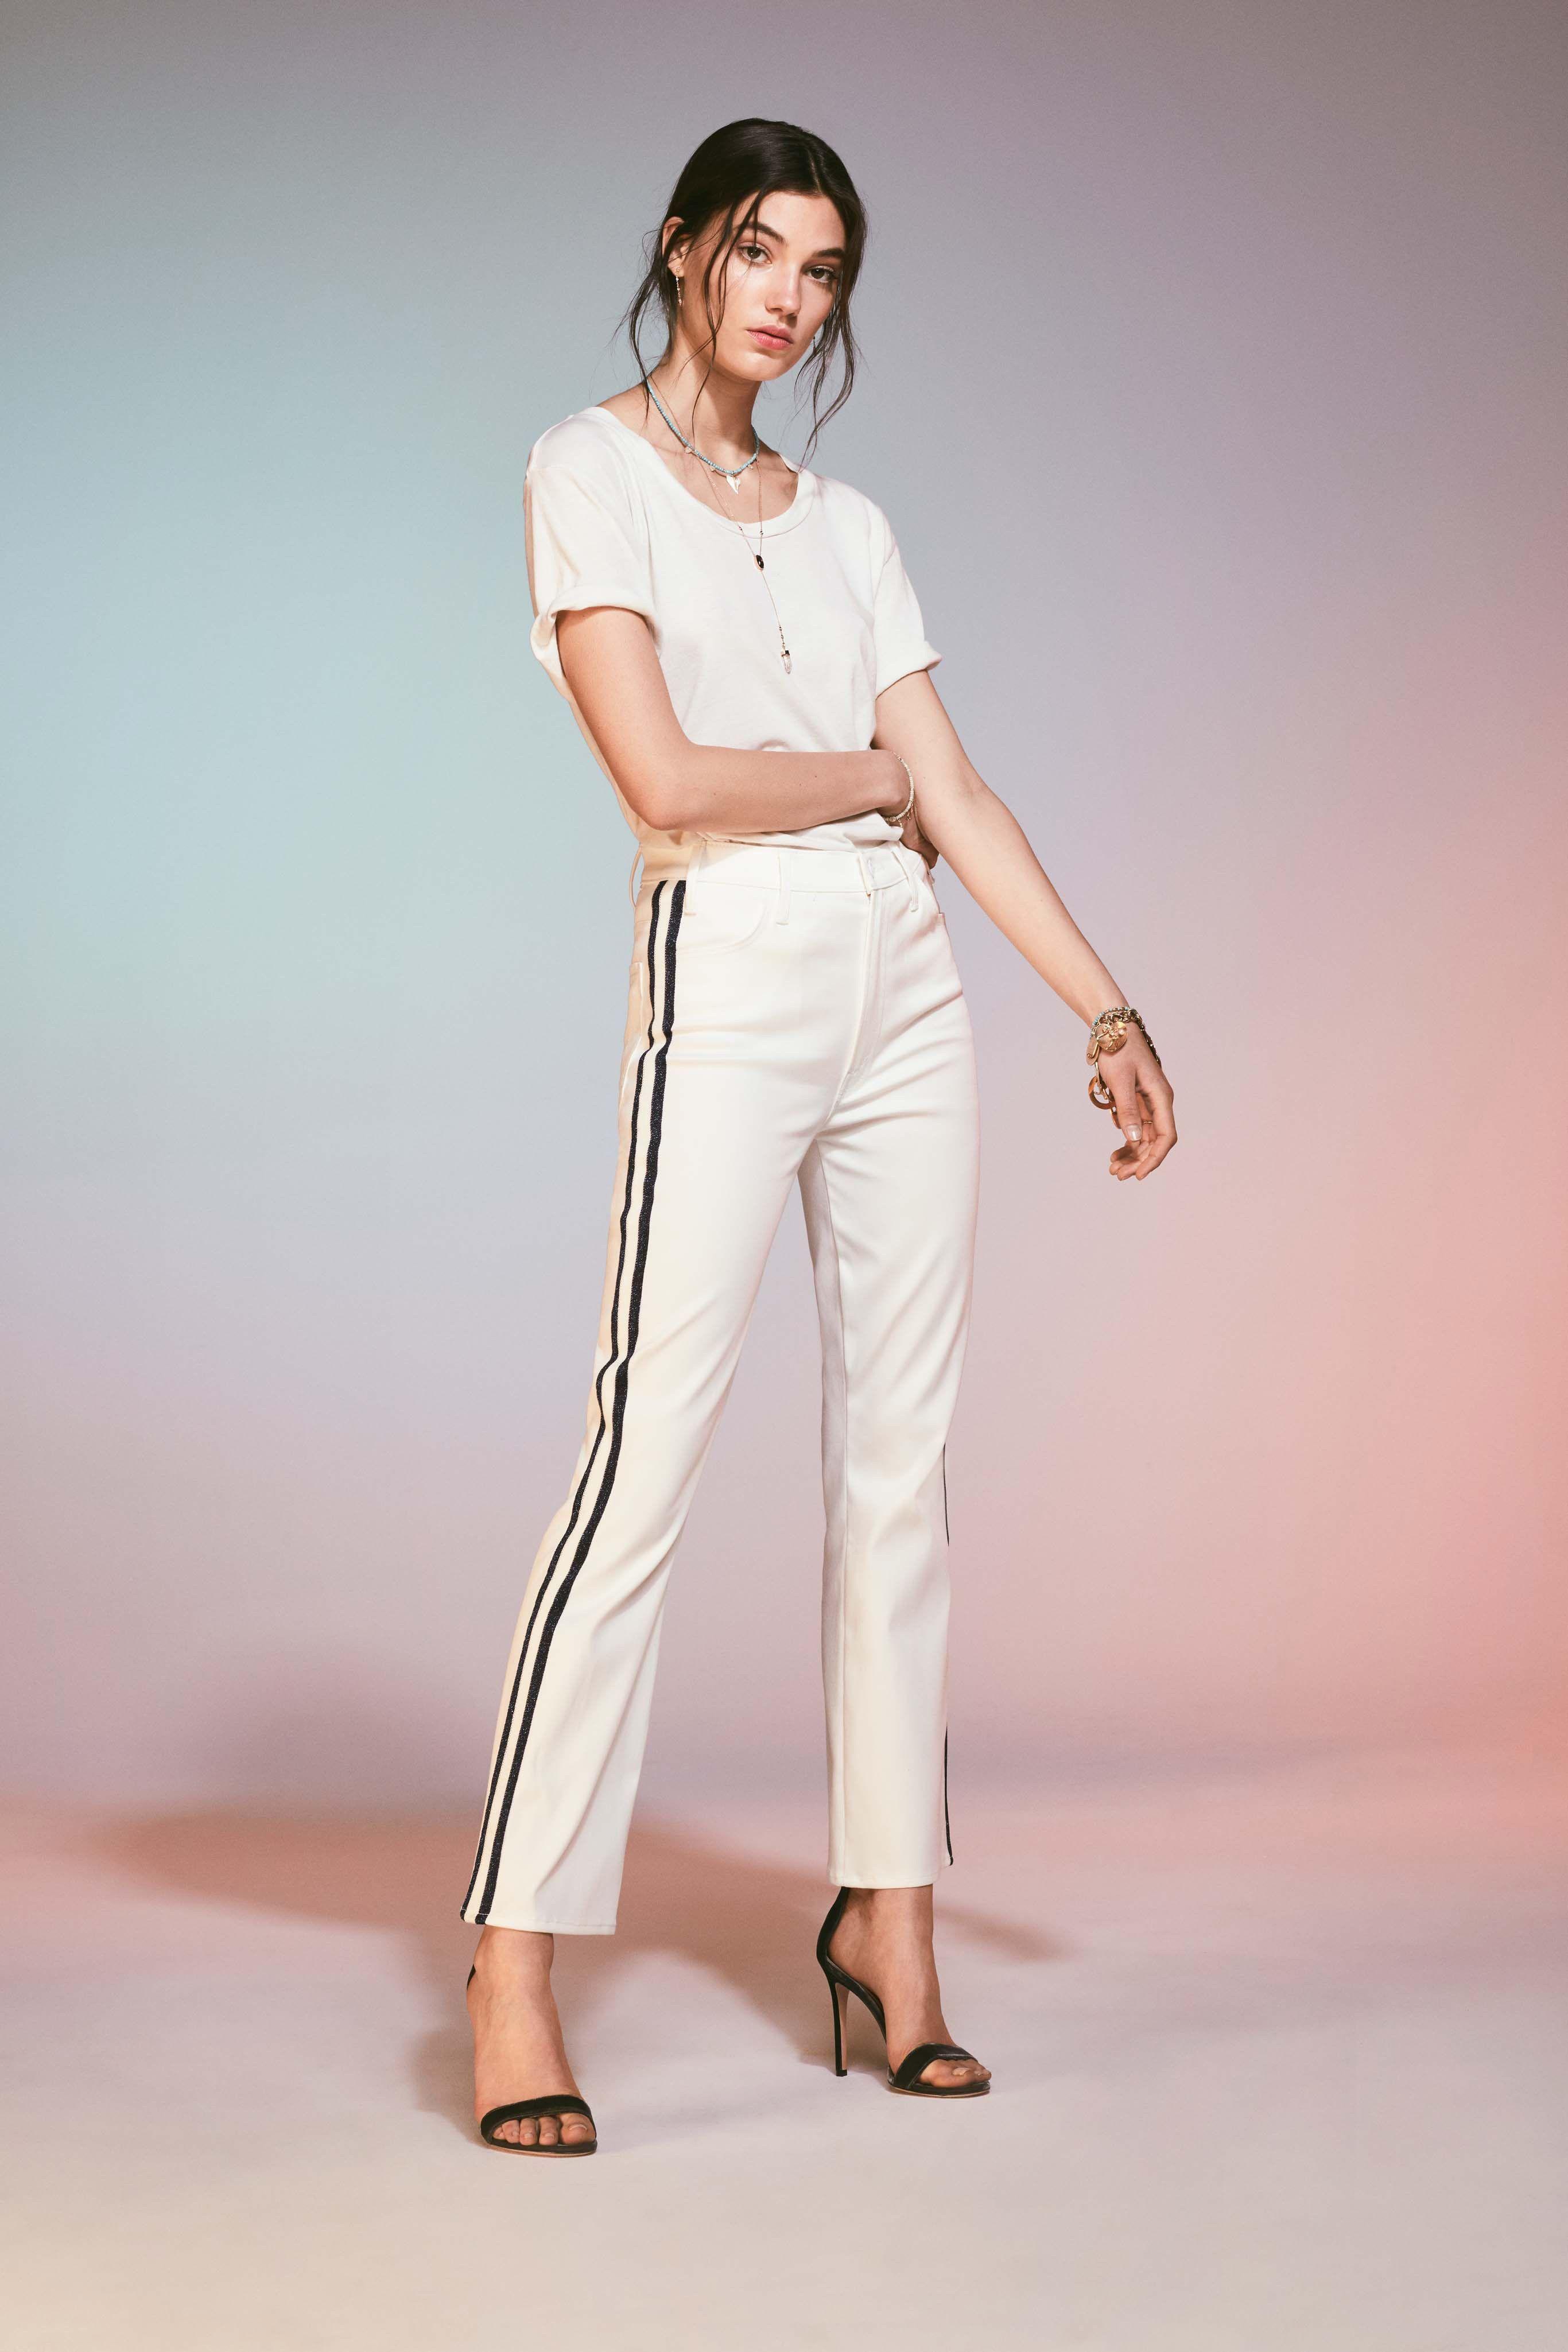 47c6cd15f22f9 Mother Resort 2019 Fashion Show   dress   Fashion, Womens fashion ...